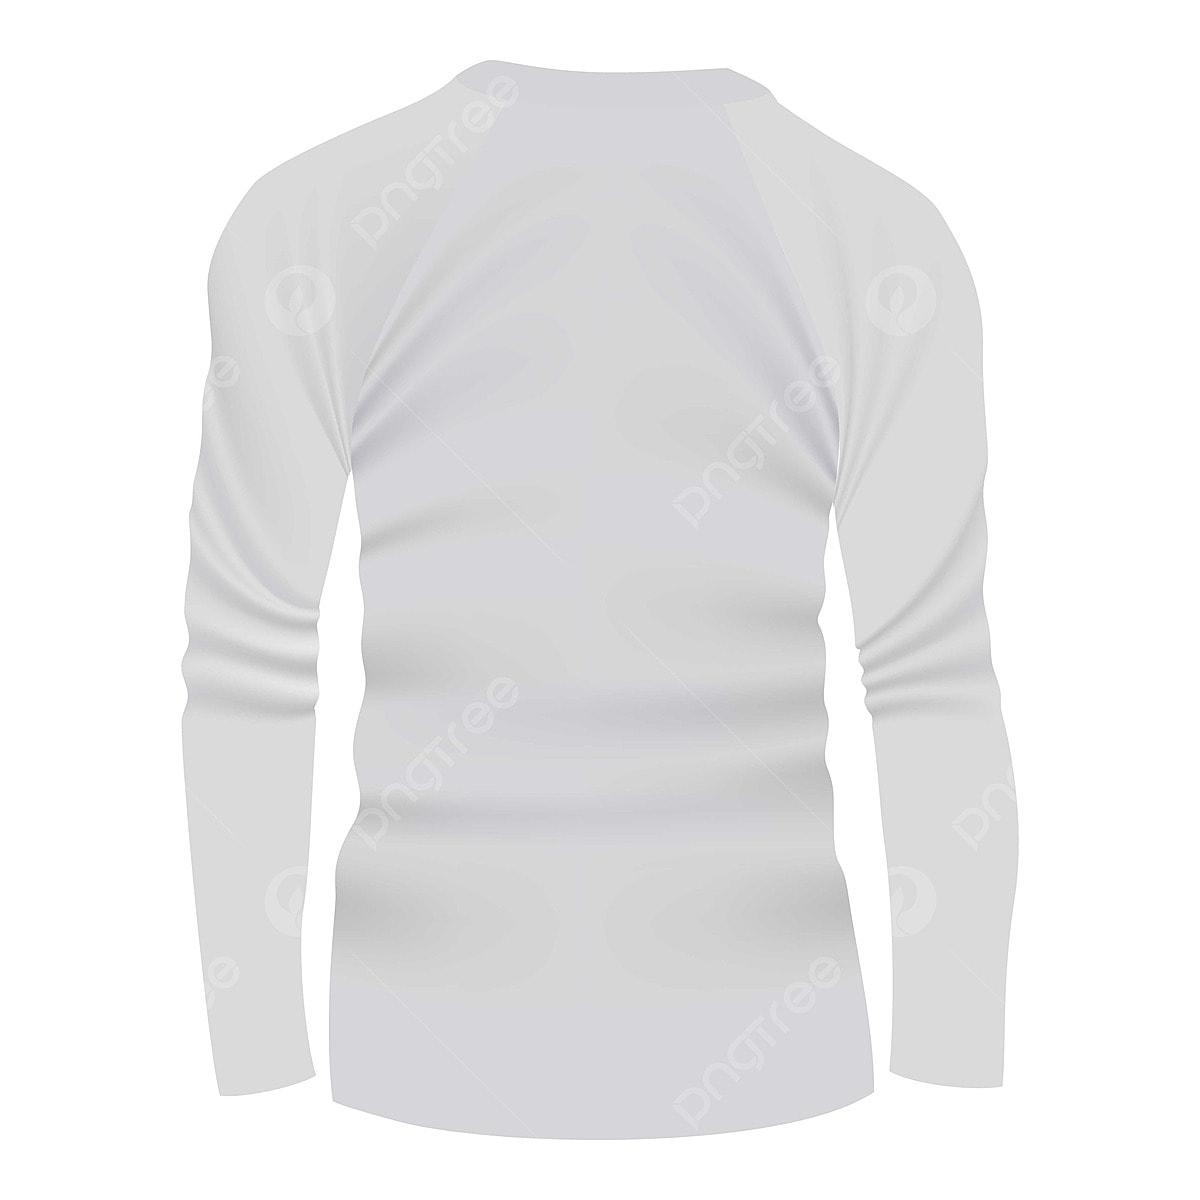 Gambar Belakang Baju Putih Baju Lengan Panjang Ikon Belakang Ikon Putih Ikon Tshirt Png Dan Vektor Untuk Muat Turun Percuma